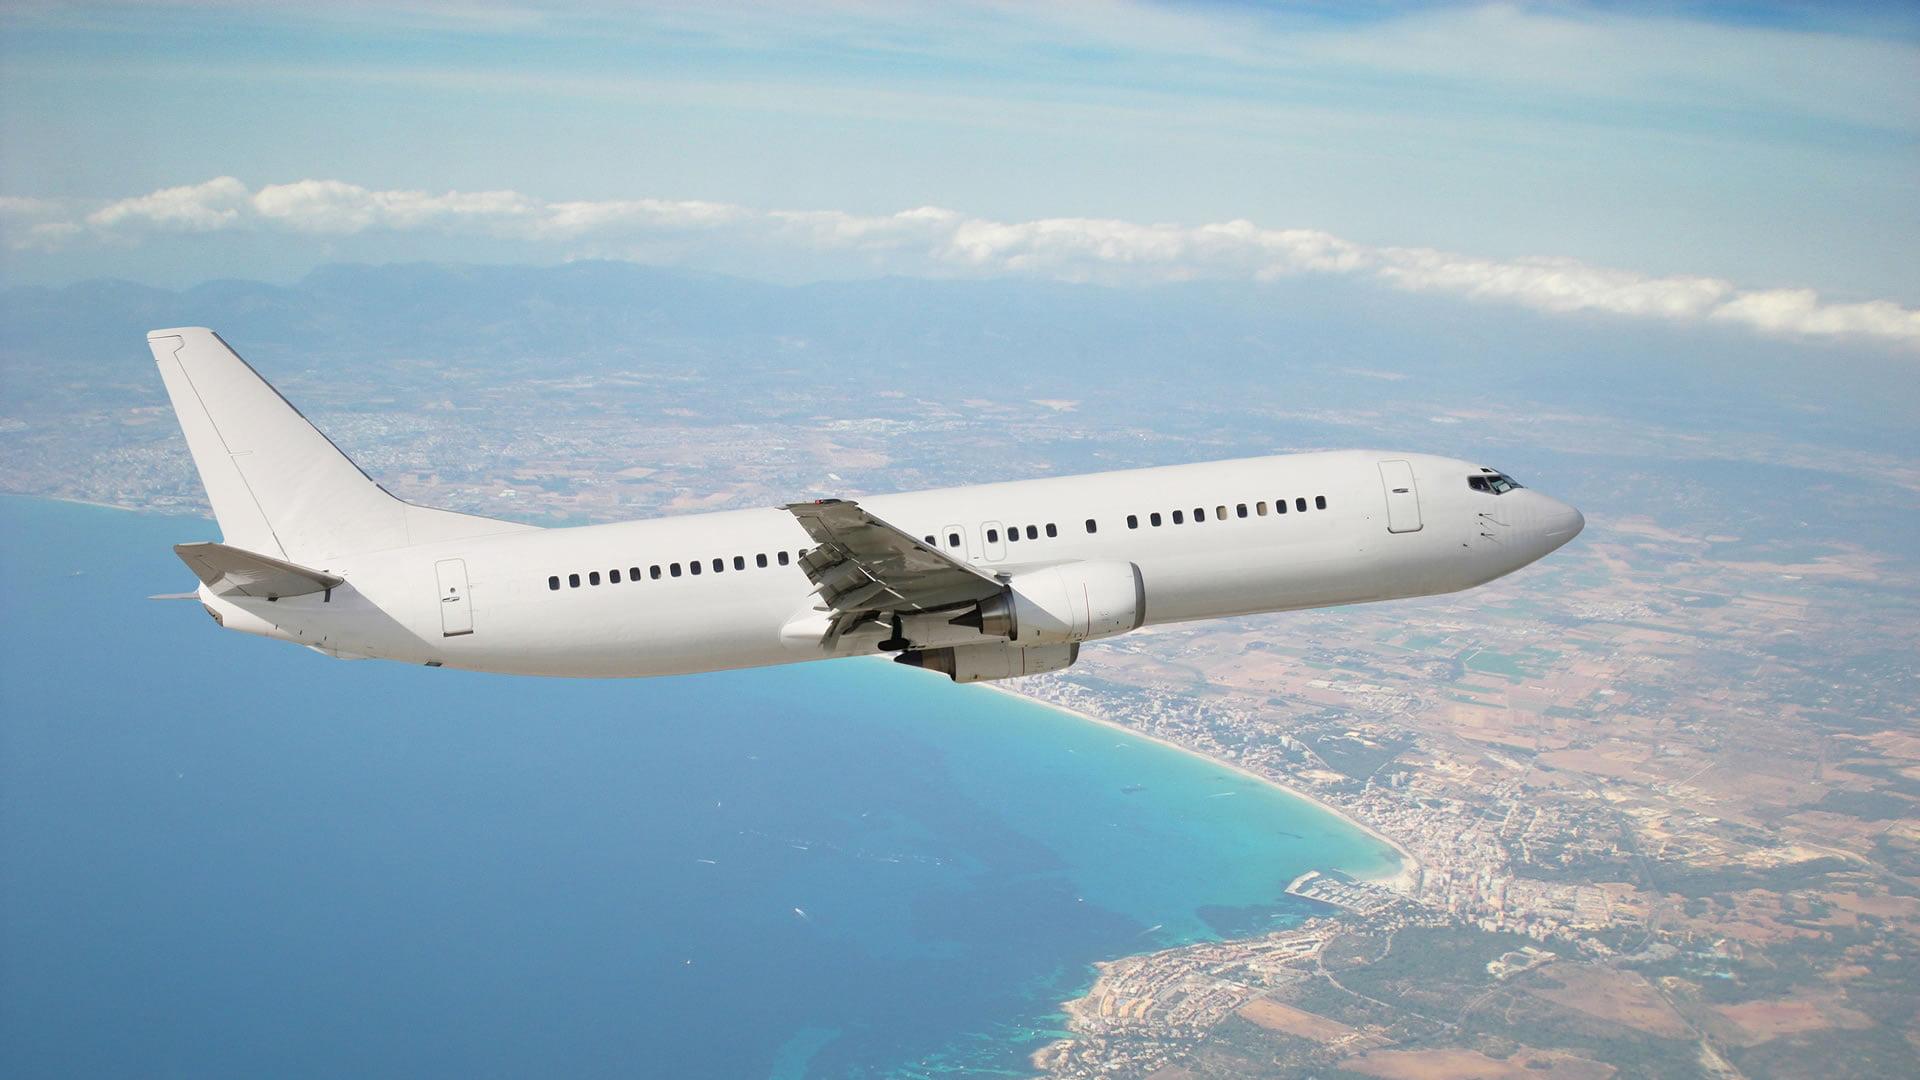 Preparando el viaje en avión, consejos y resolución de problemas